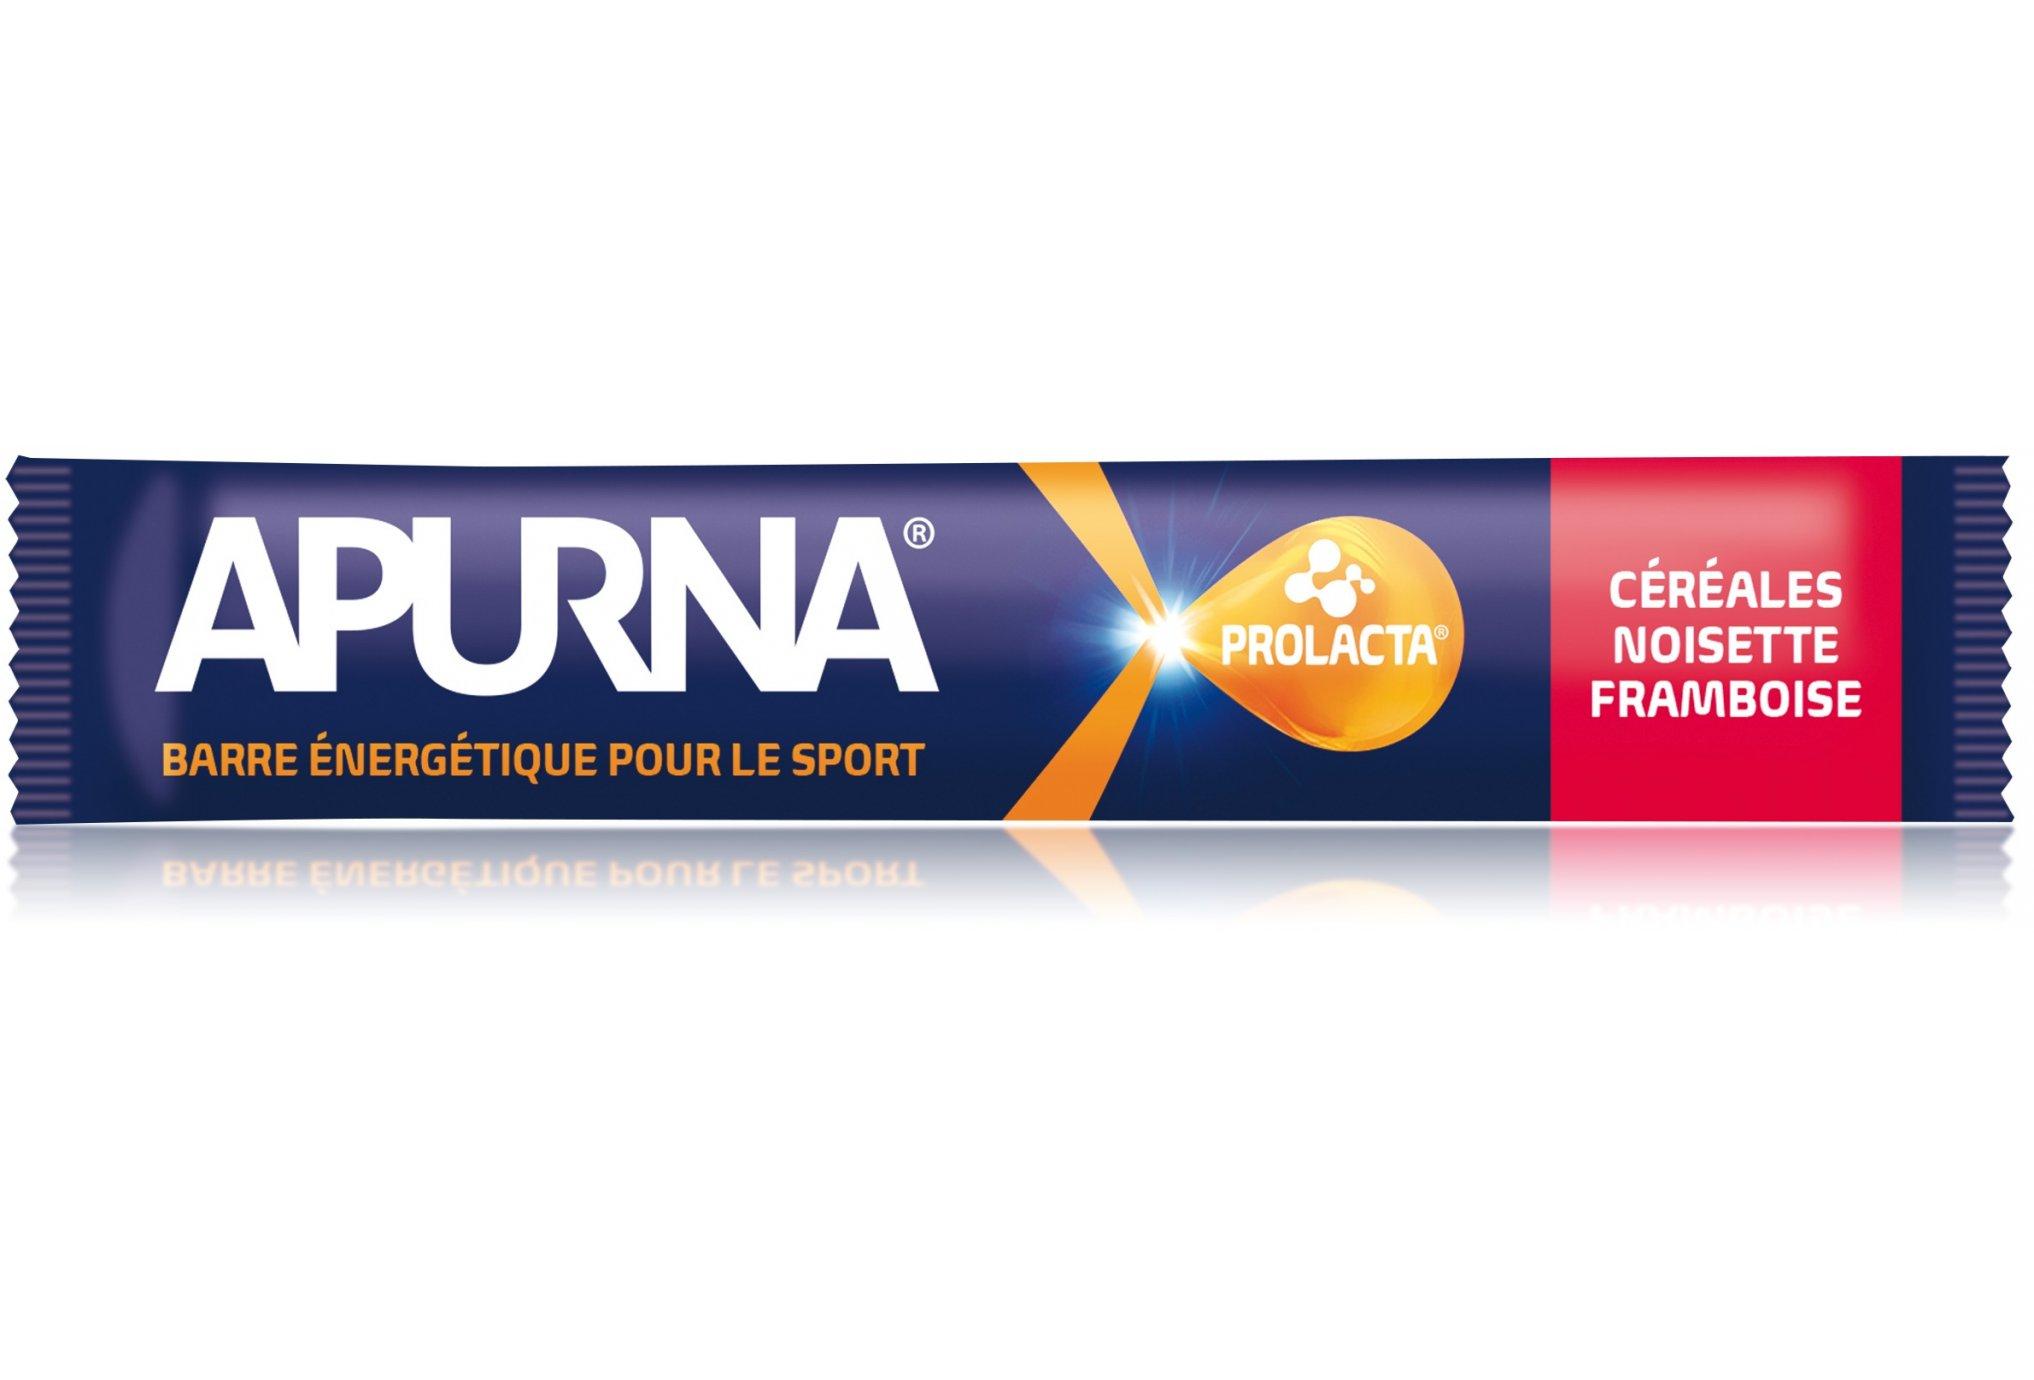 Apurna Barre énergétique - céréales/noisette/framboise diététique barres